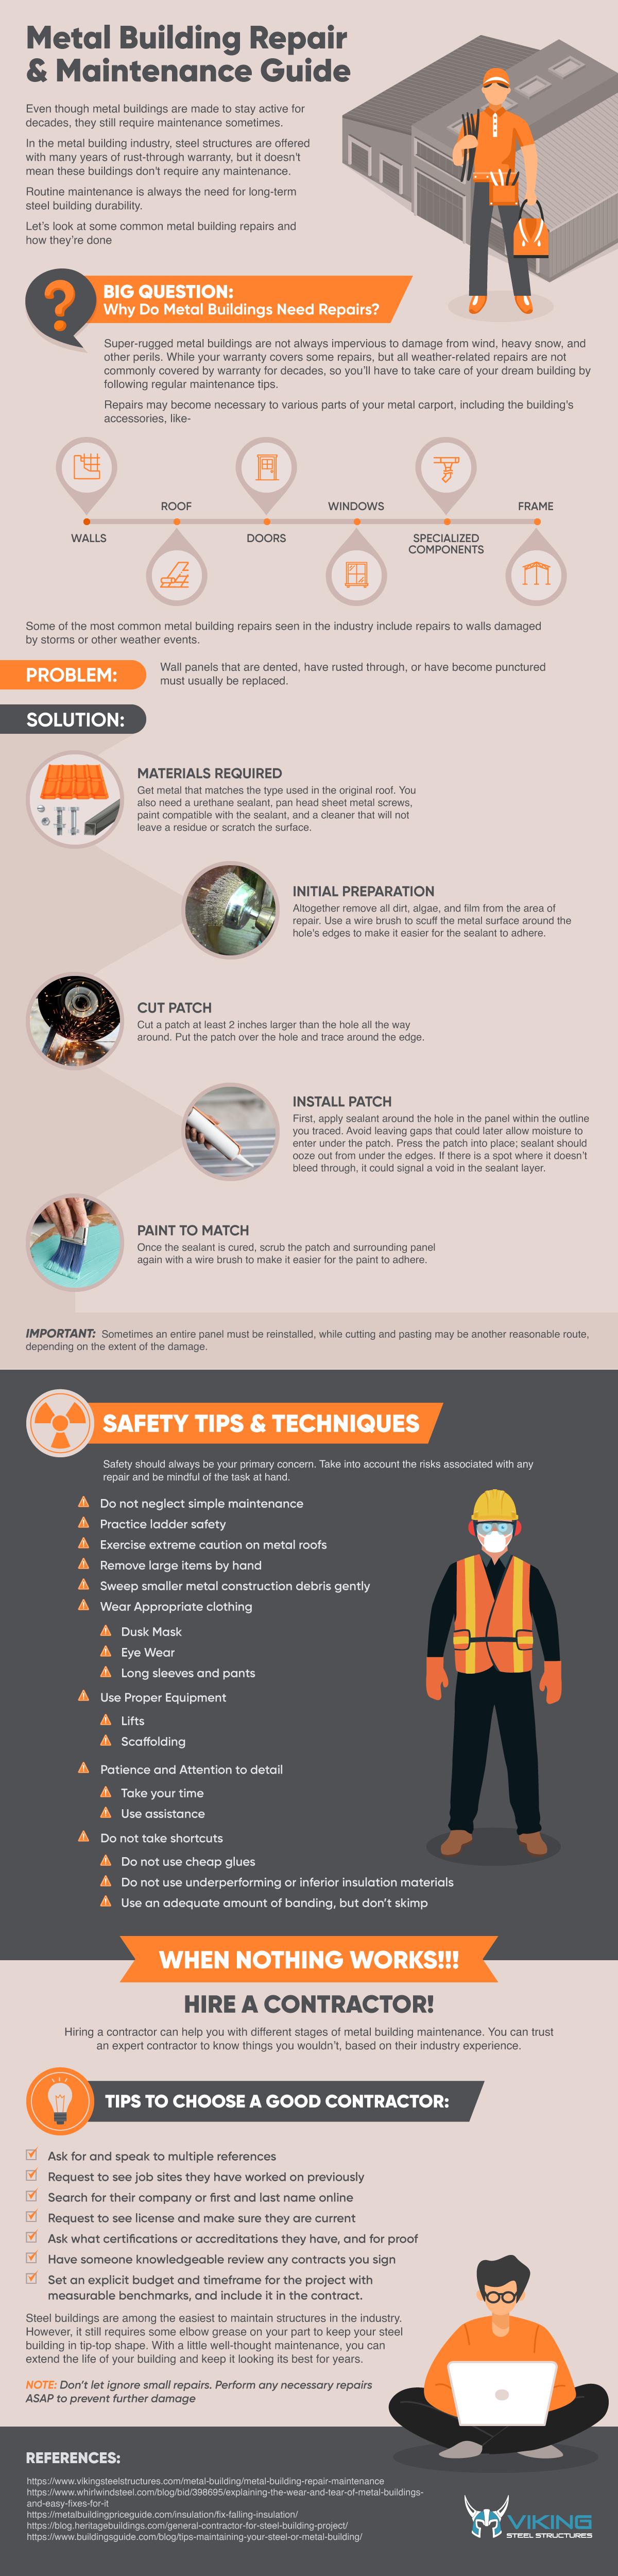 Metal Building Repair & Maintenance Guide